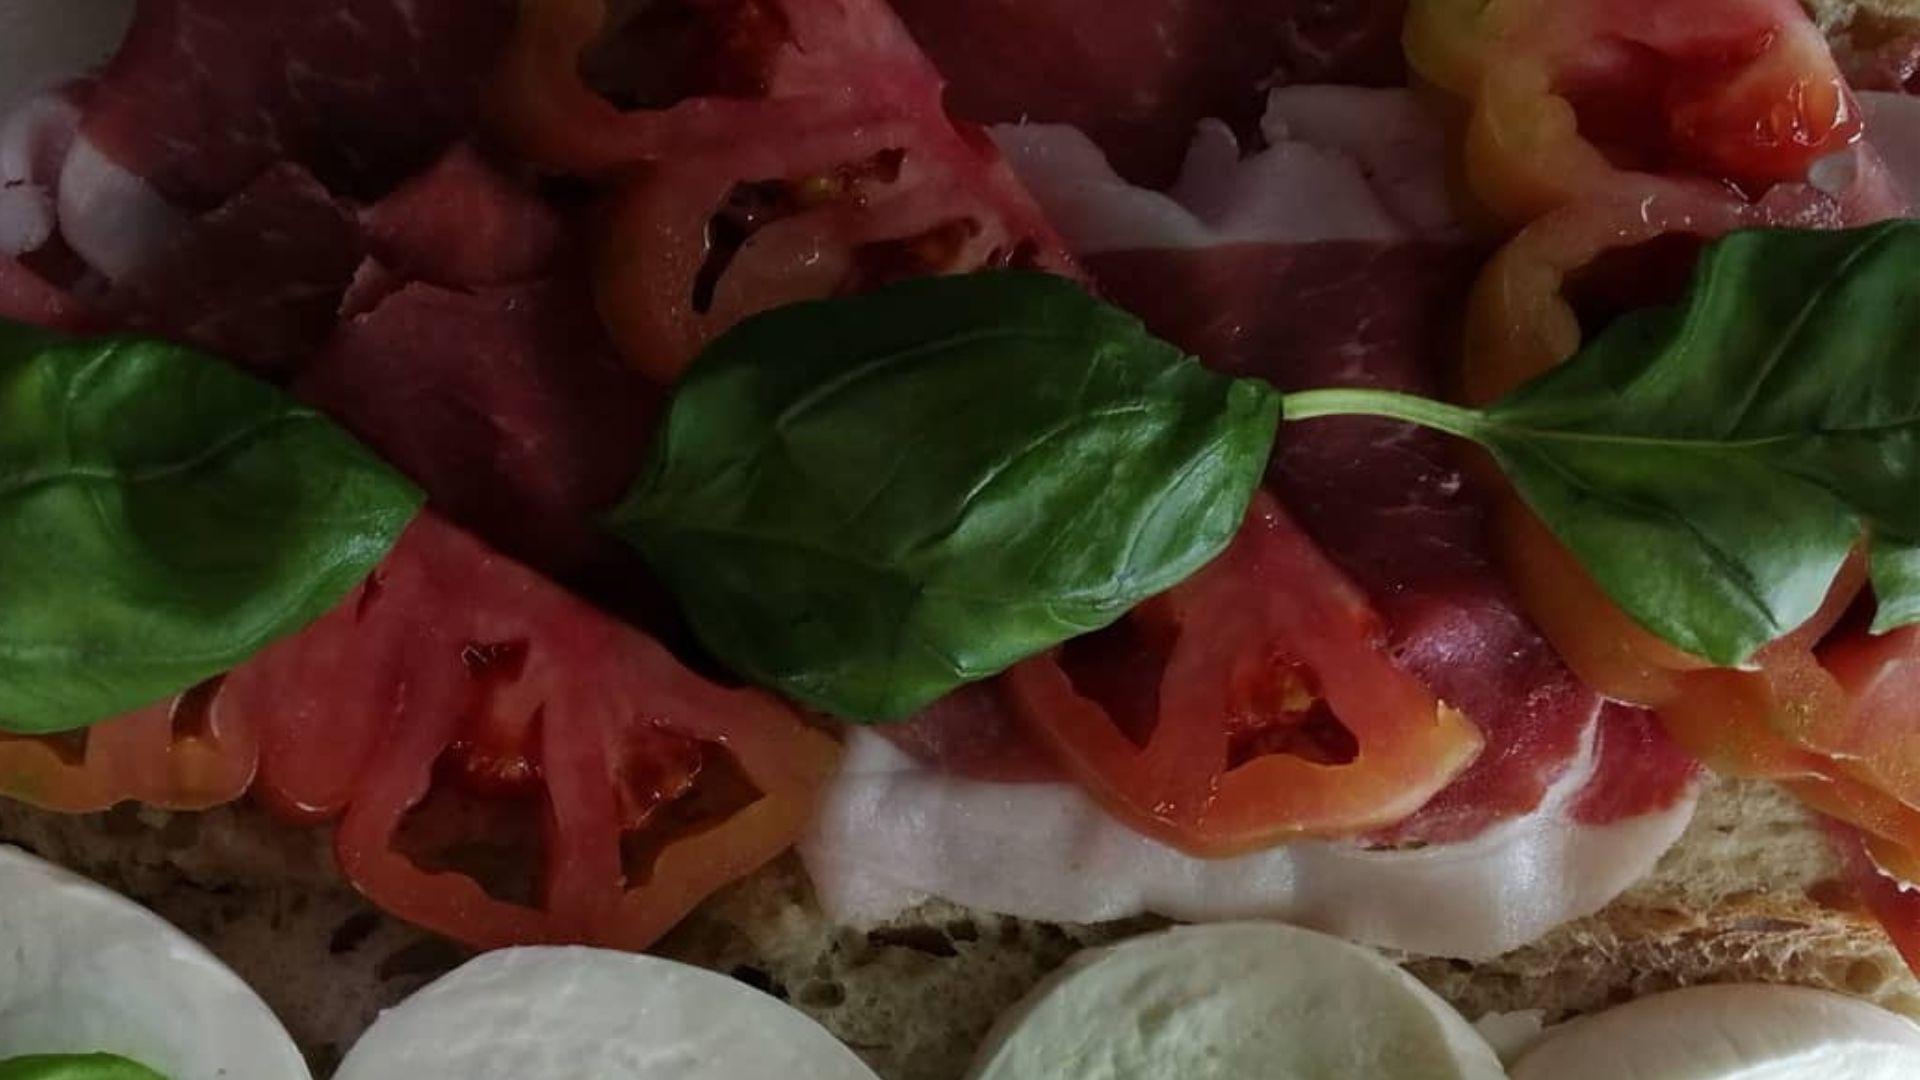 Degustazione di mozzarella e pomodoro da A' Muzzarella Mia Parla